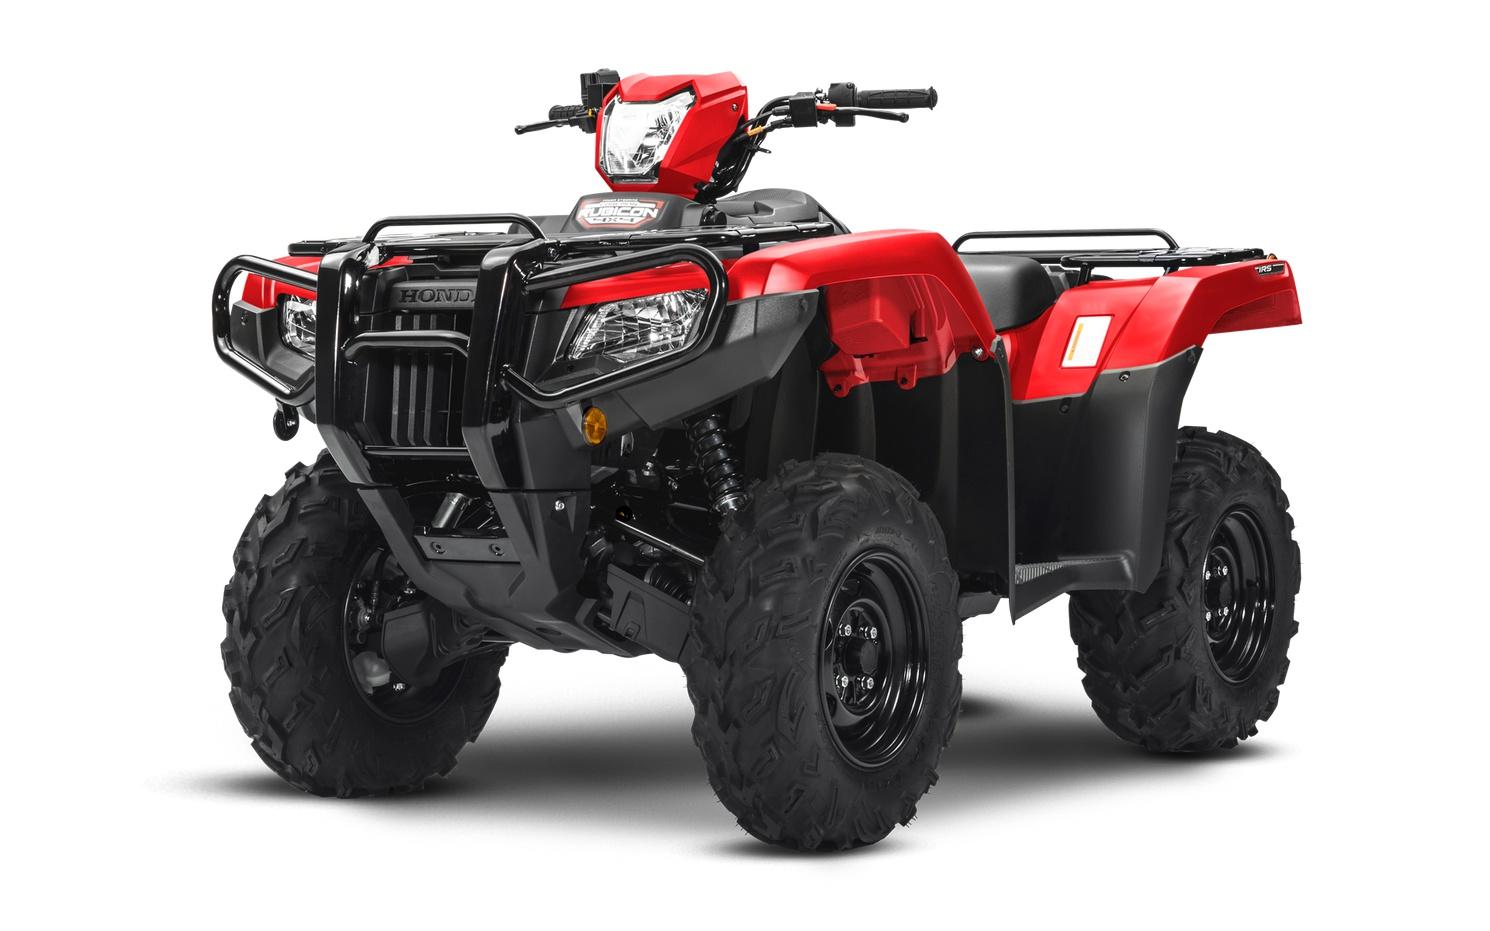 Honda rubicon 520 irs eps - trx520fm6m 2021